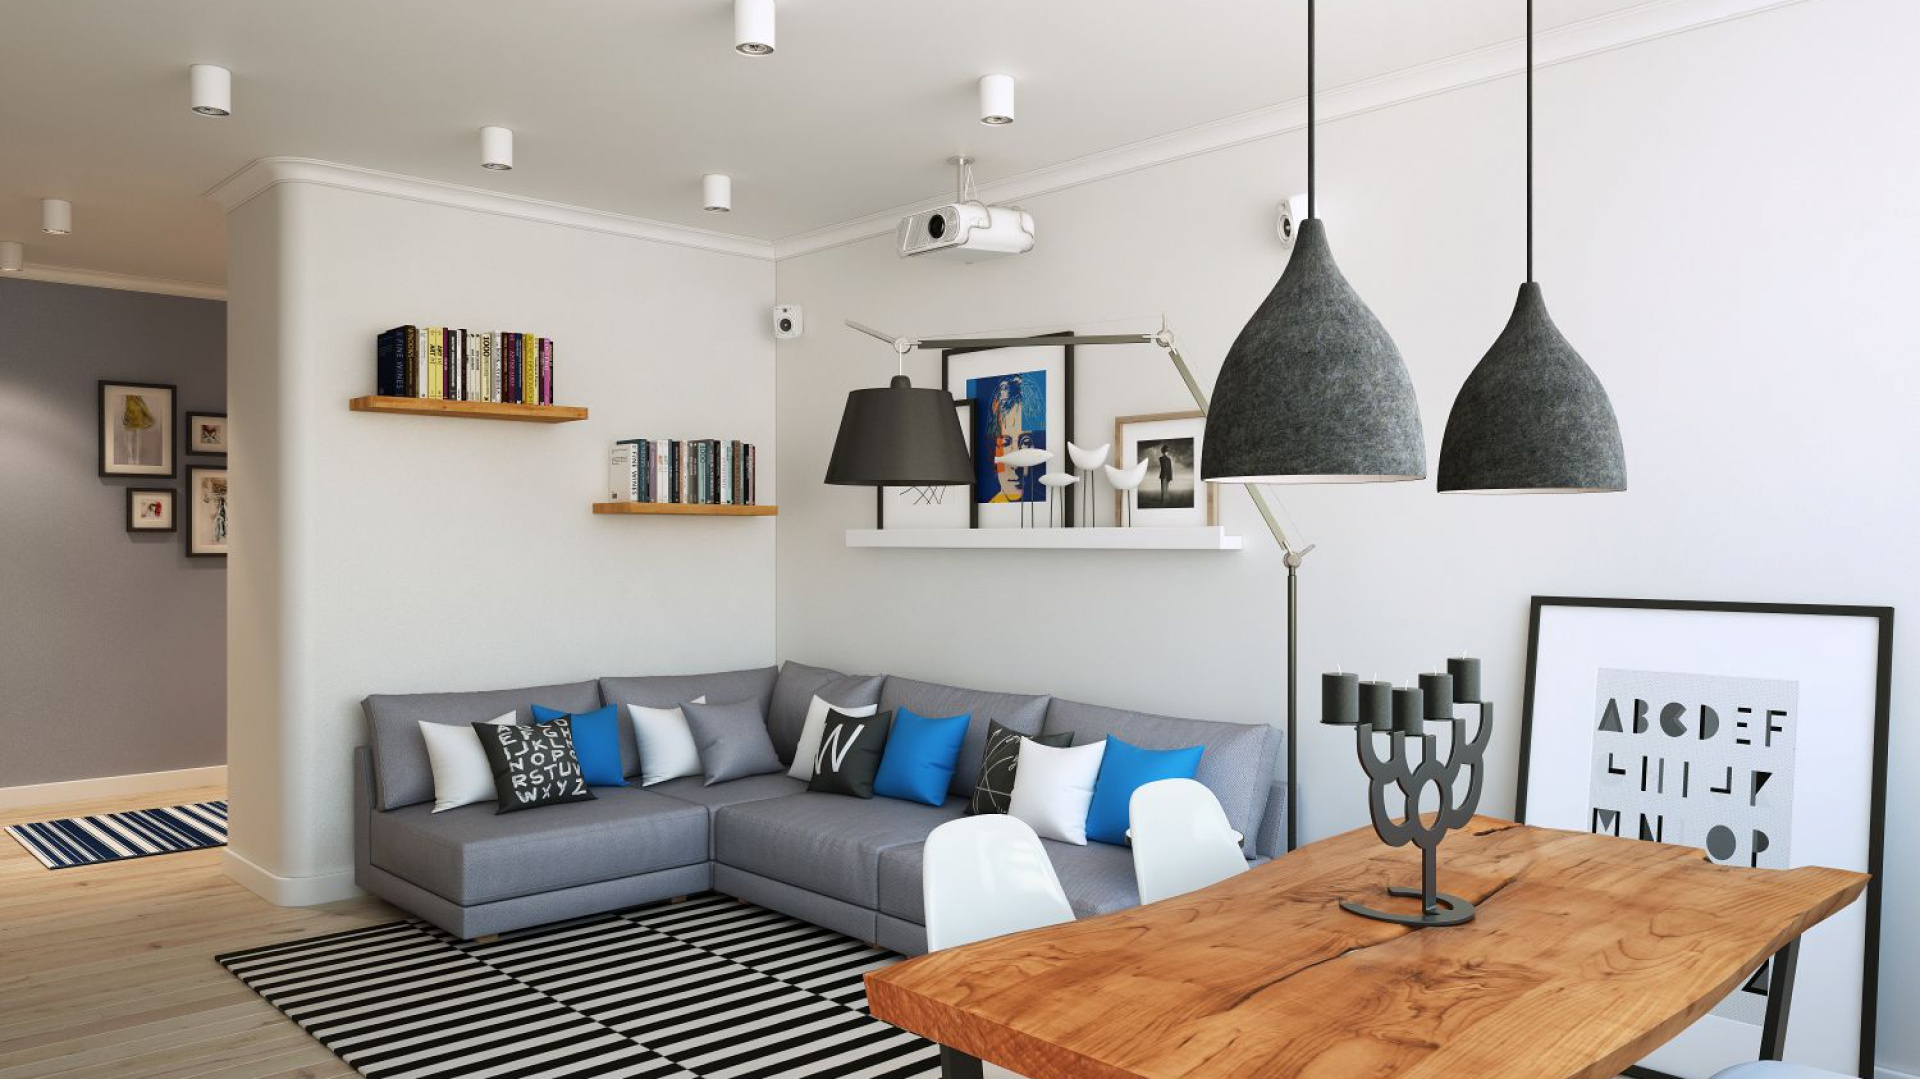 Ponieważ właściciele mieszkali kilka lat w Skandynawii, marzyło im się nowoczesne wnętrze urządzone w skandynawskim stylu. Projekt i wizualizacje: Alexei Ivanov i Pavel Gerasimov / Studio projektowe Geometrium.